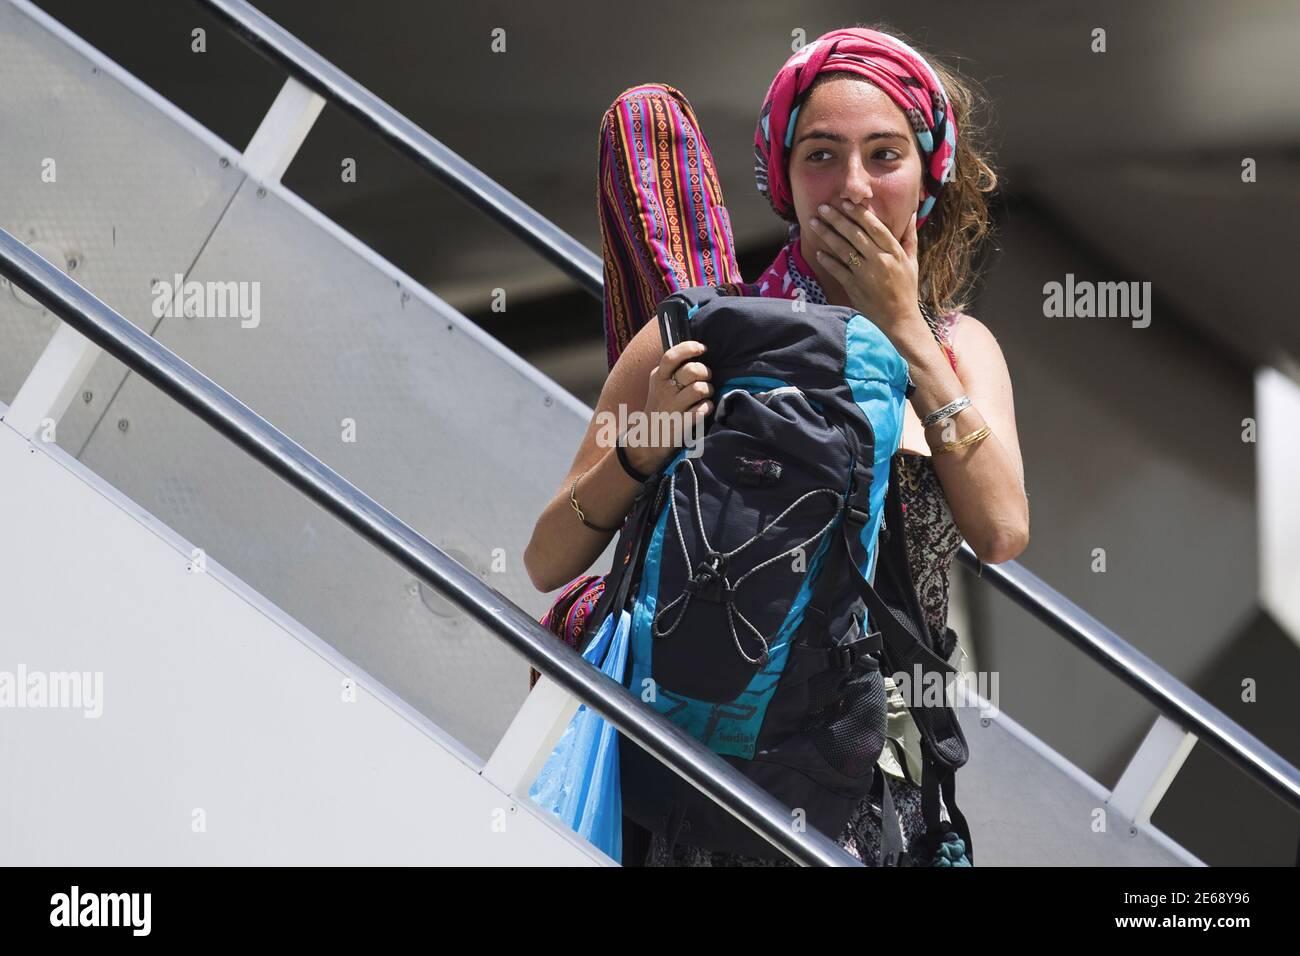 Un israelí evacuado de Nepal desembarca de un avión después de aterrizar en el aeropuerto internacional Ben Gurion, cerca de Tel Aviv, Israel, 28 de abril de 2015. REUTERS/Amir Cohen Foto de stock